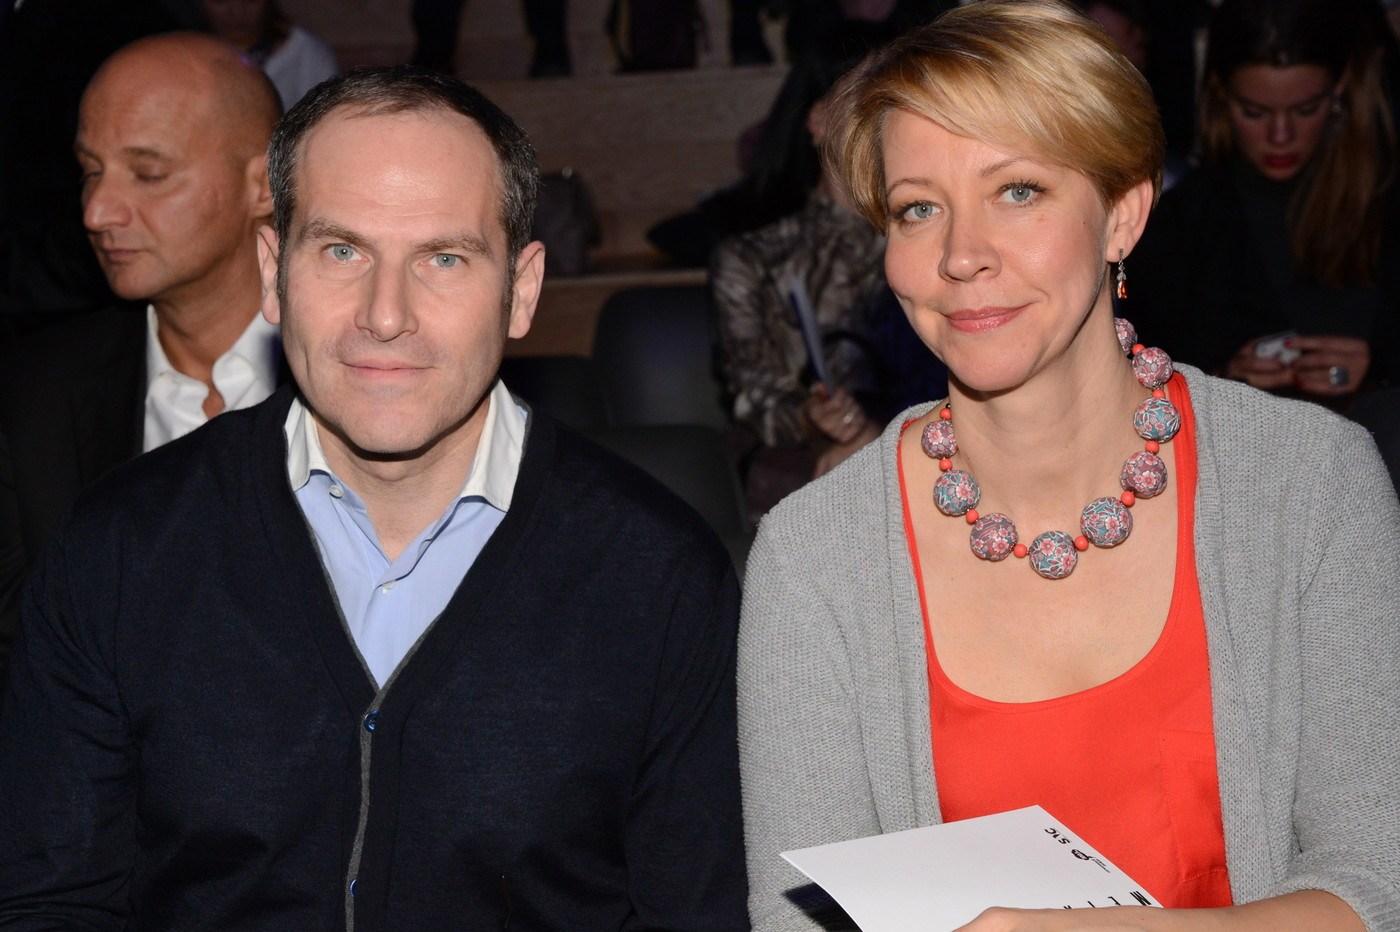 Татьяна Лазарева раскритиковала своего супруга Михаила Шаца за участие в стендапе